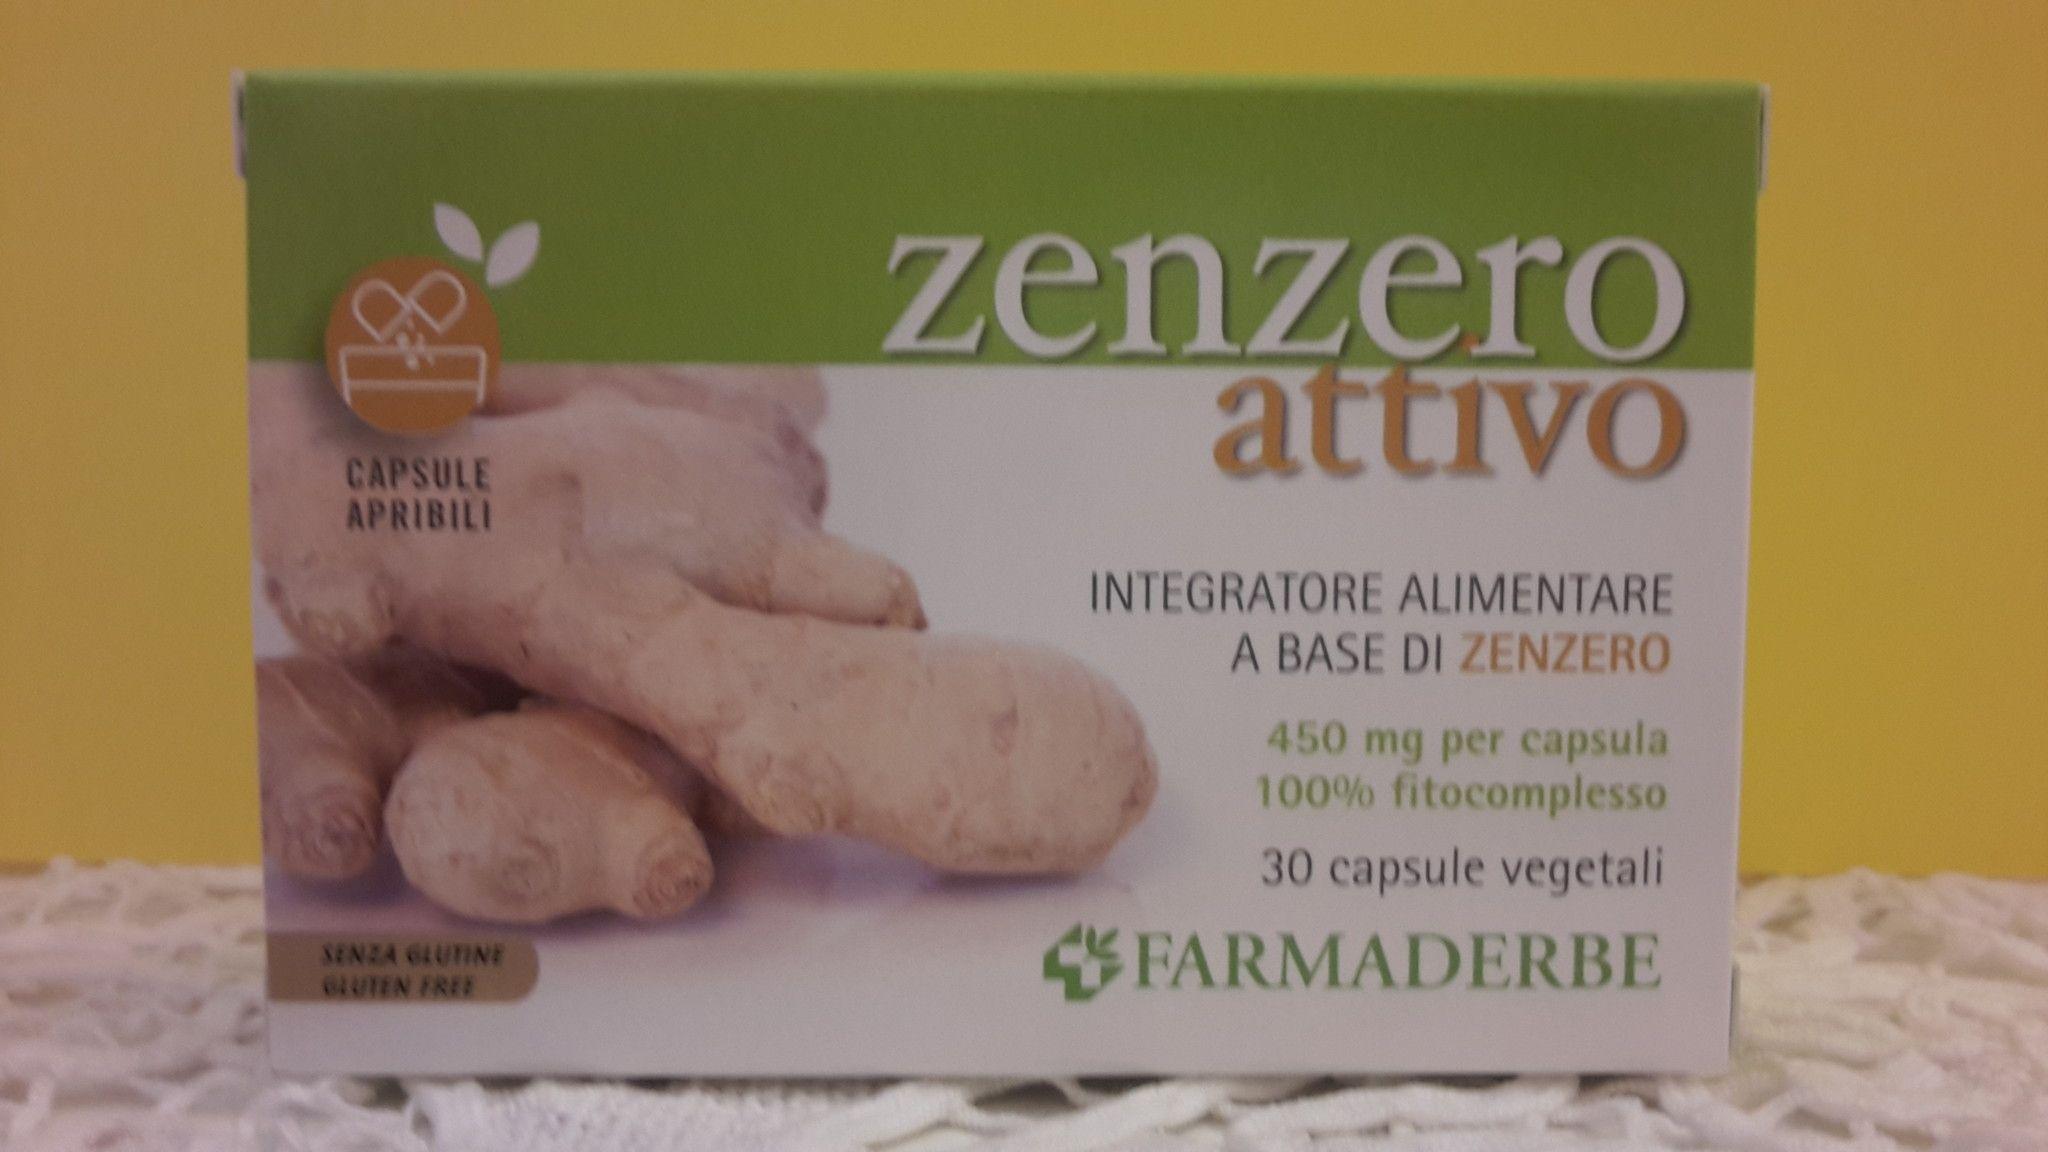 ZENZERO  attivo 30 cps - FARMADERBE